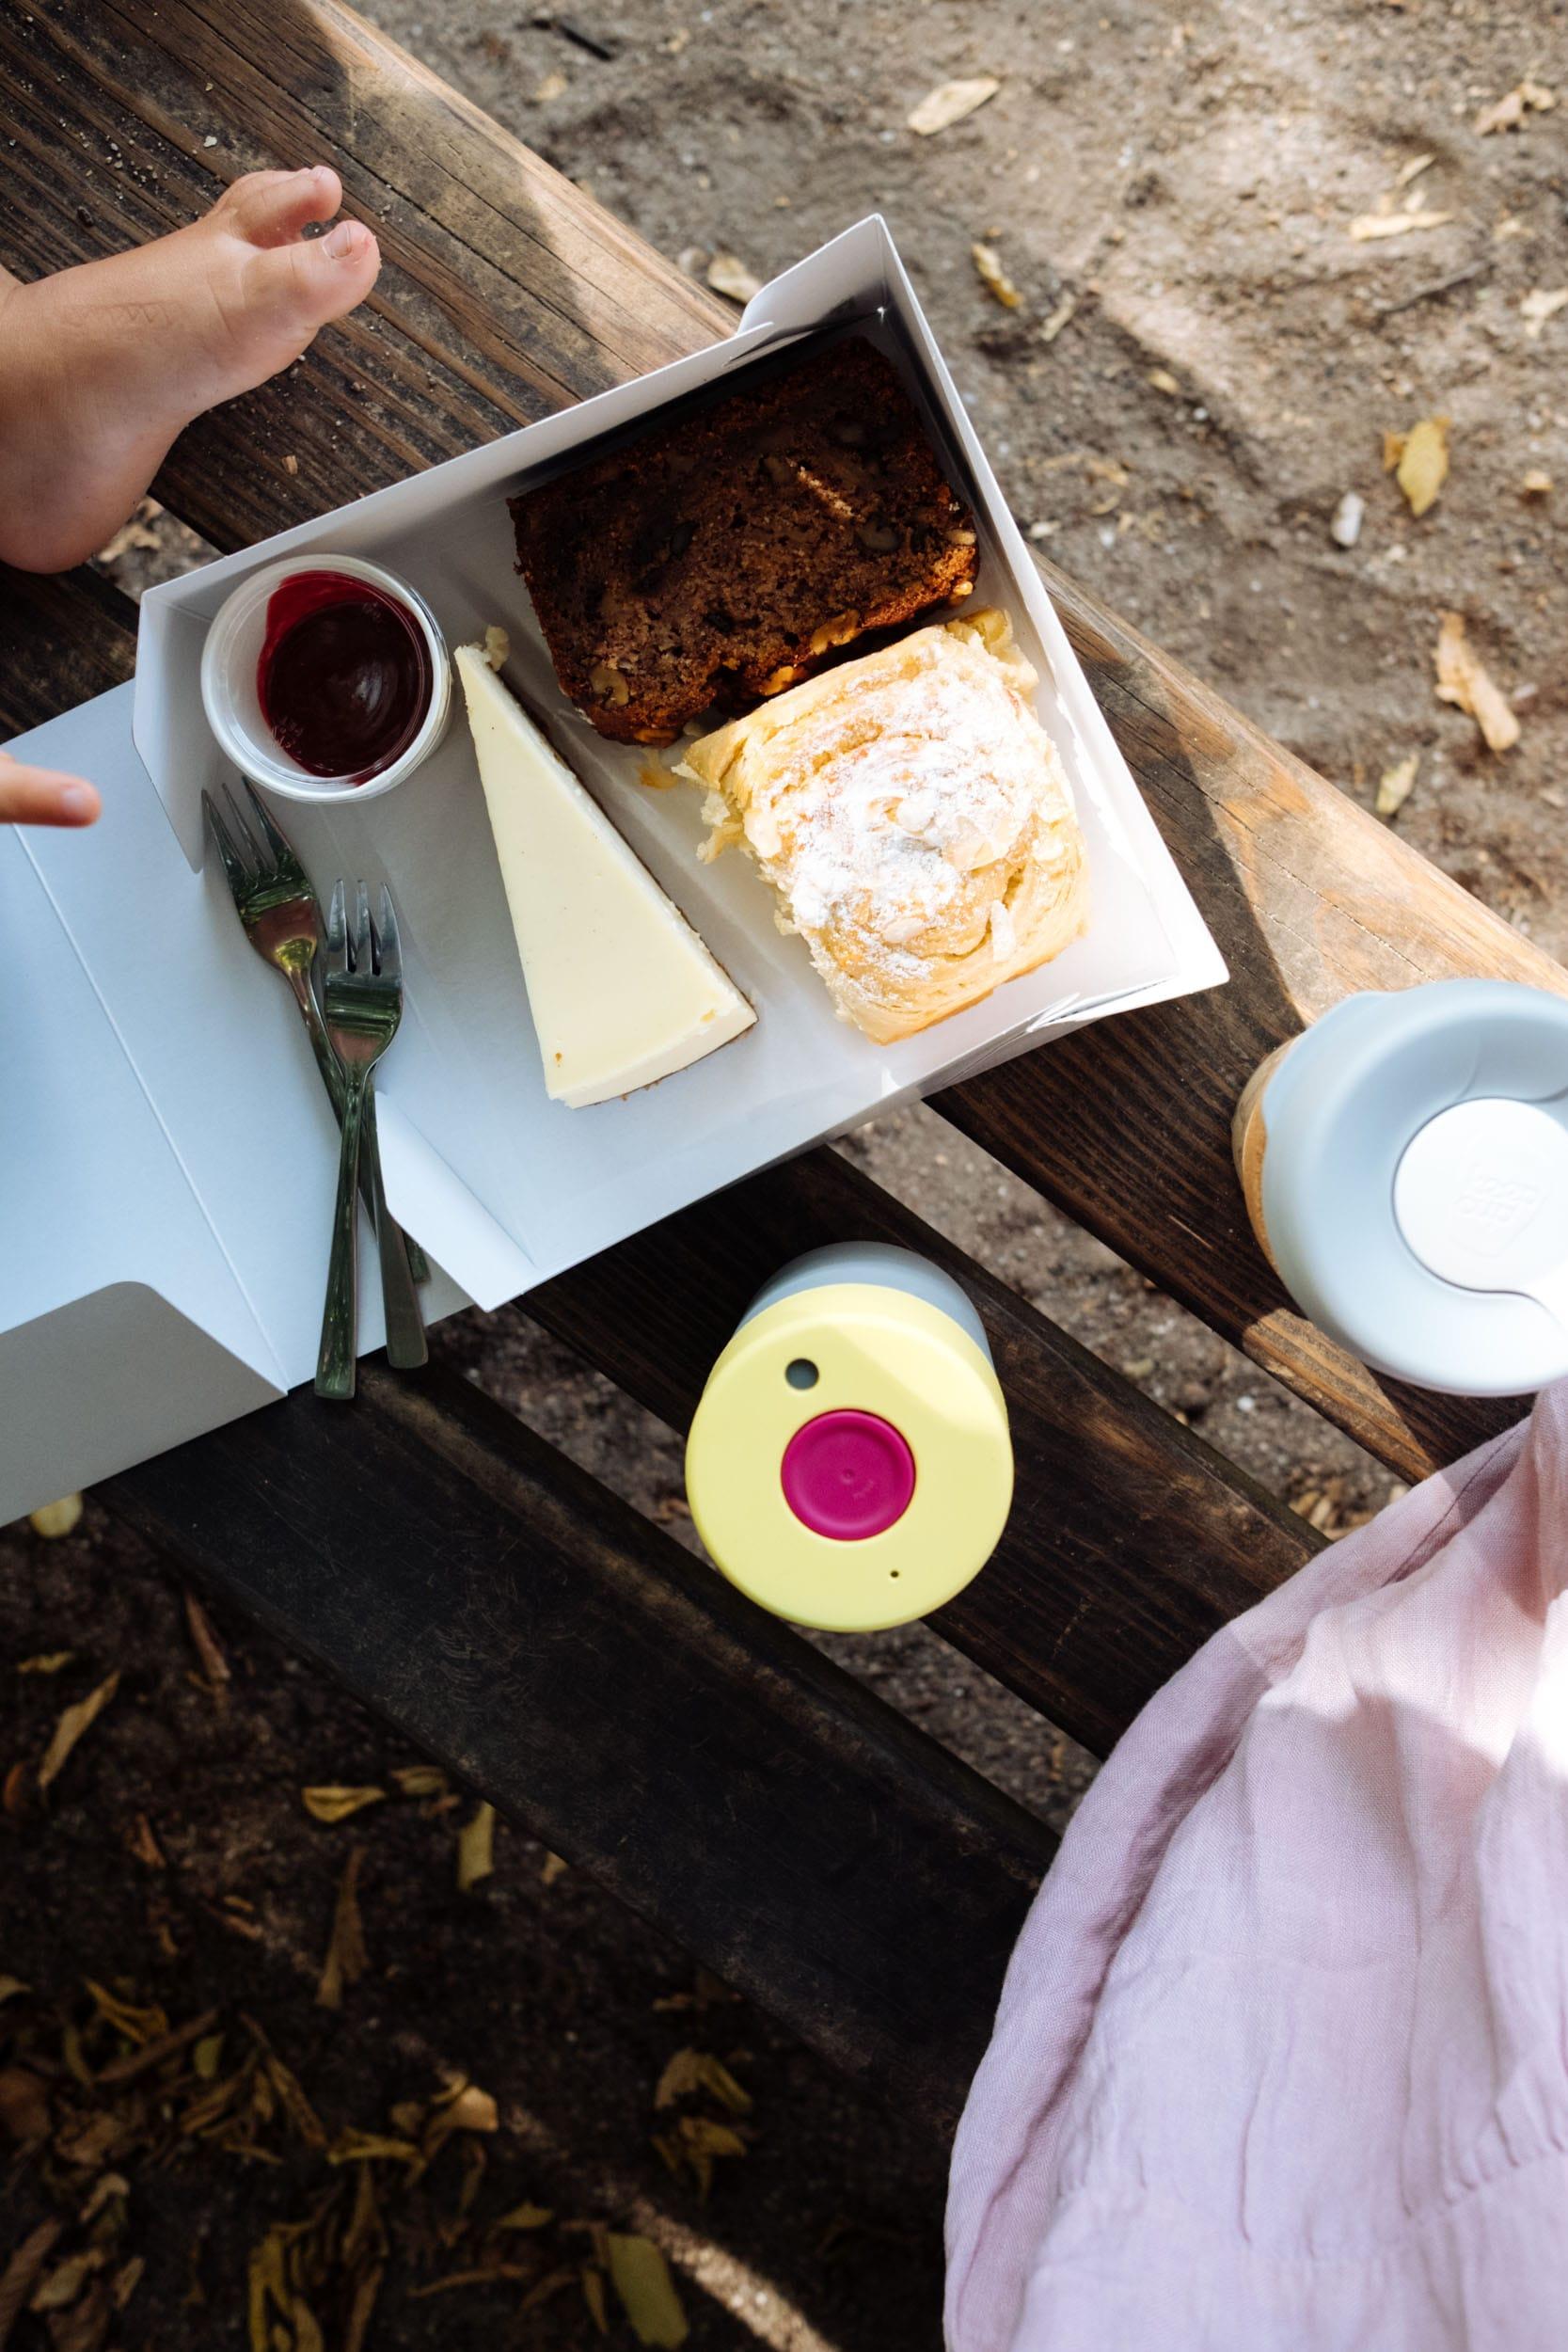 Familiensonntag | Unterwegs mit Fußball und Laufrad | Nachhaltige To Go Becher | KeepCup | Kuchen vom Elbgold